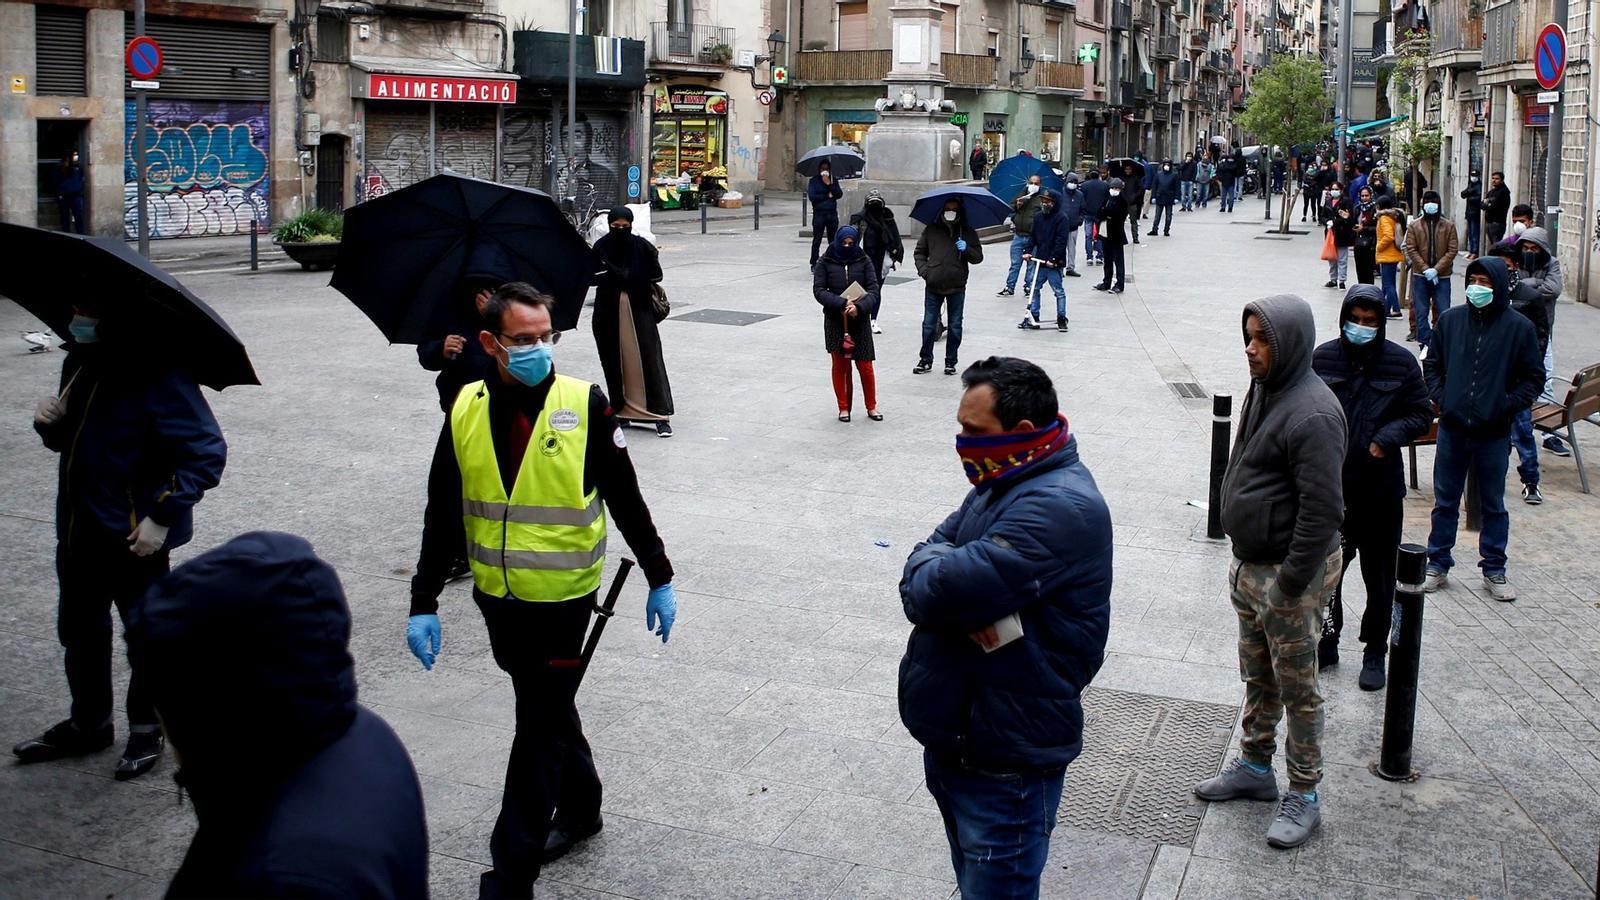 177 morts a Catalunya, 1.849 en total, i els autònoms catalans van pagar ahir uns 160 milions d'euros: les claus del dia, amb Antoni Bassas (01/04/2020)